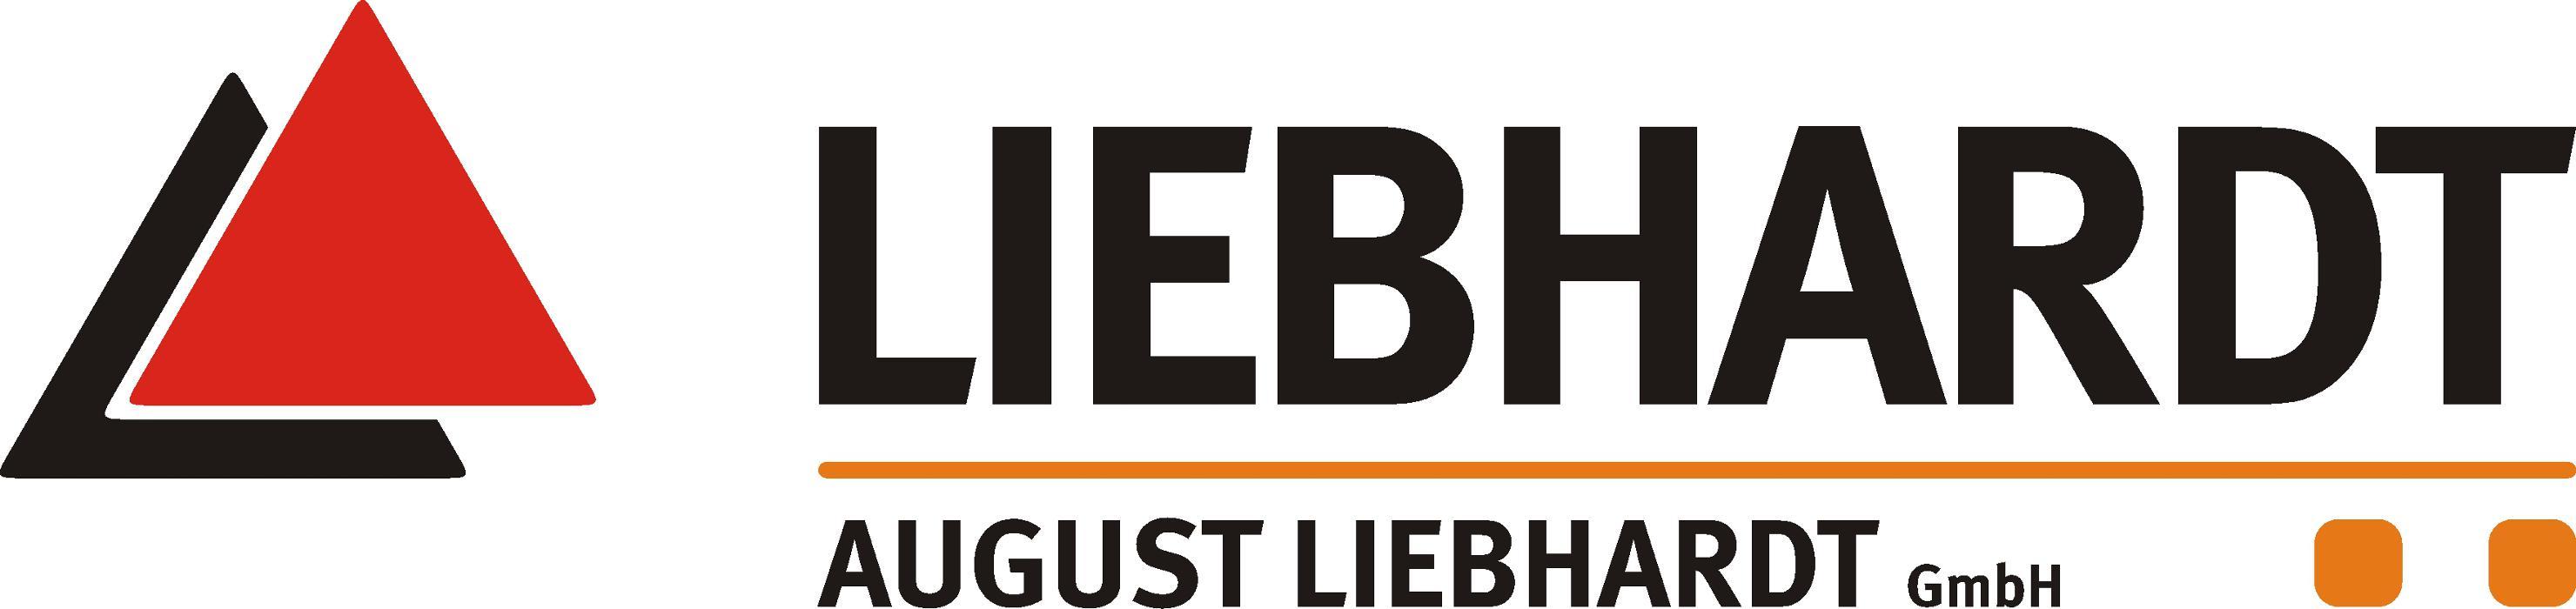 Logo von August Liebhardt GmbH